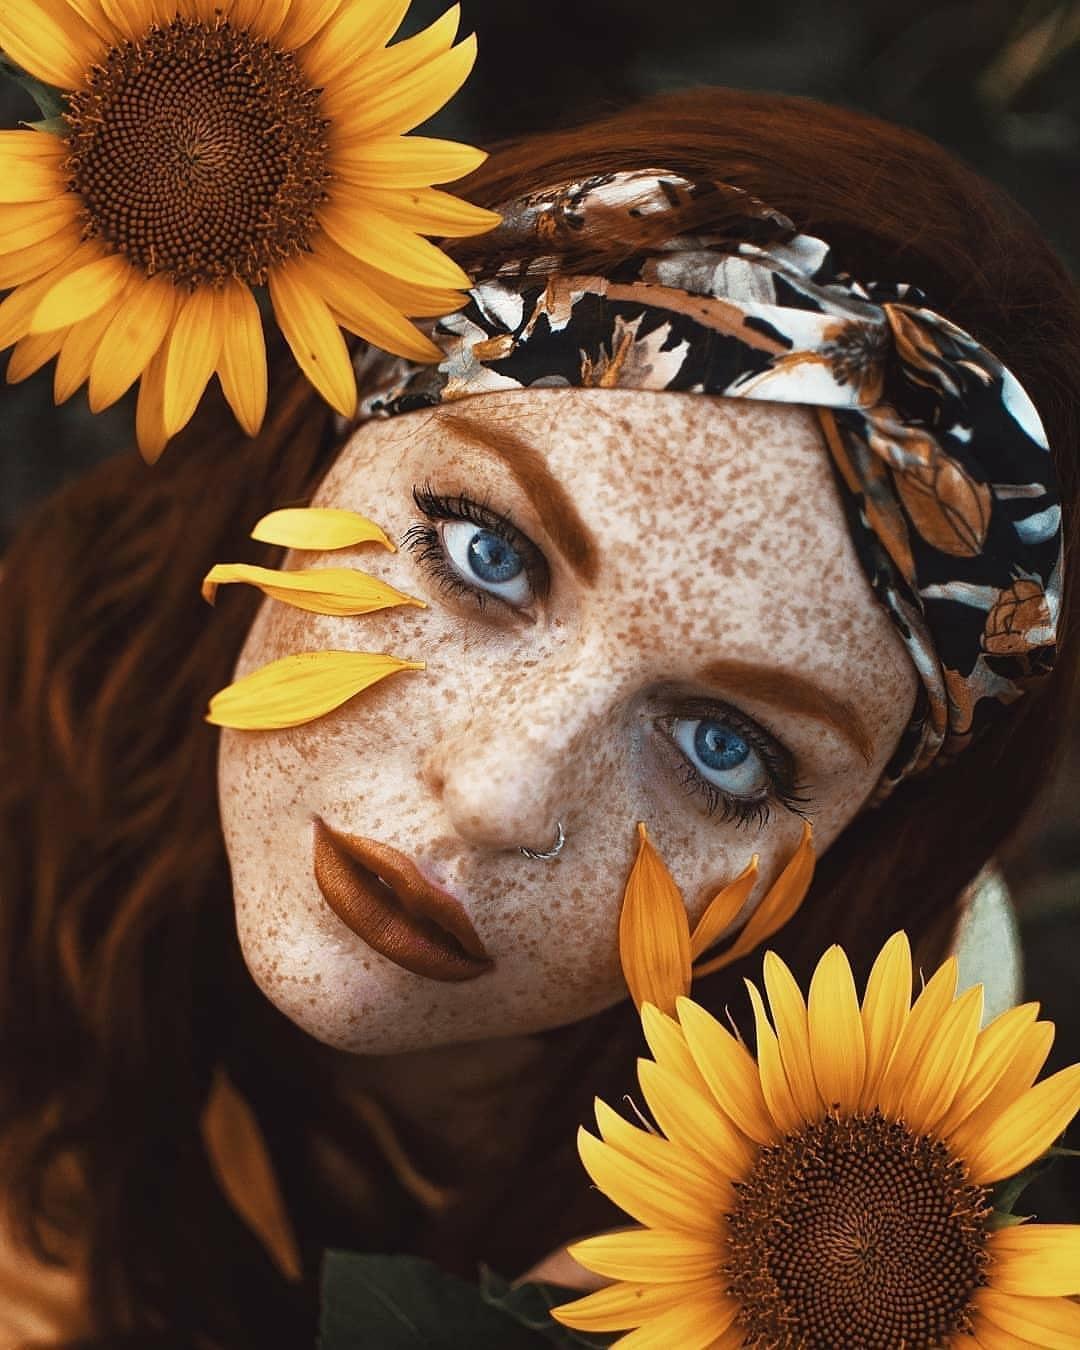 Imagen con etiquetas:Fondo de pantalla, HD, Interesante, Moda y belleza, Fotobanco, Chica